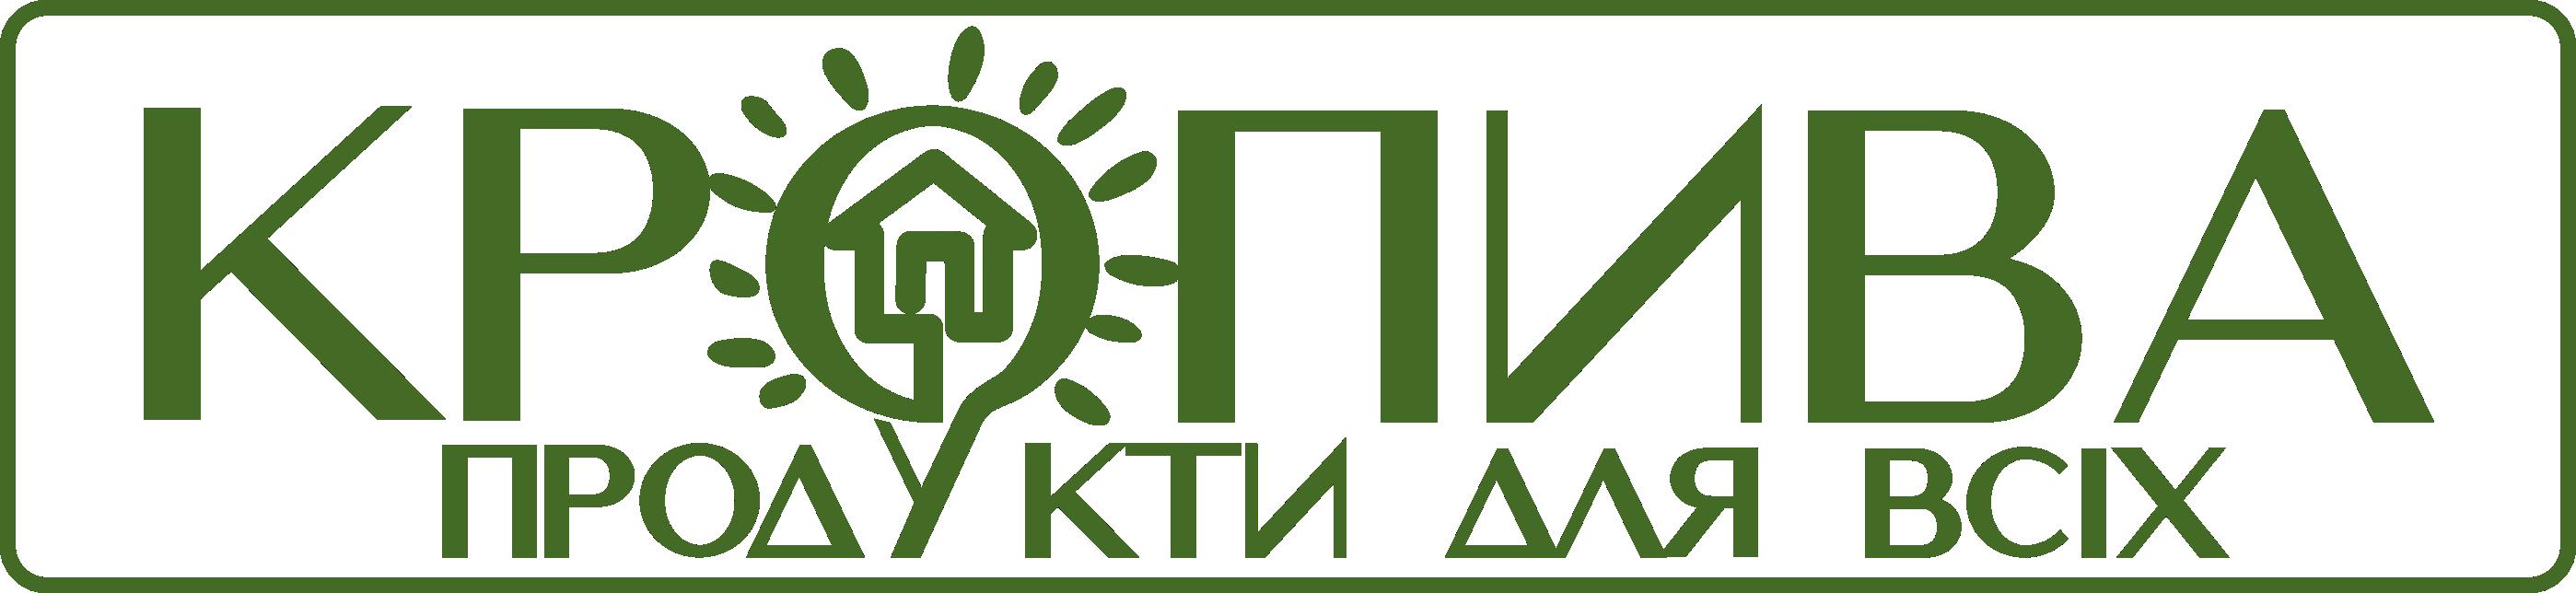 Кропива - доставка продуктів